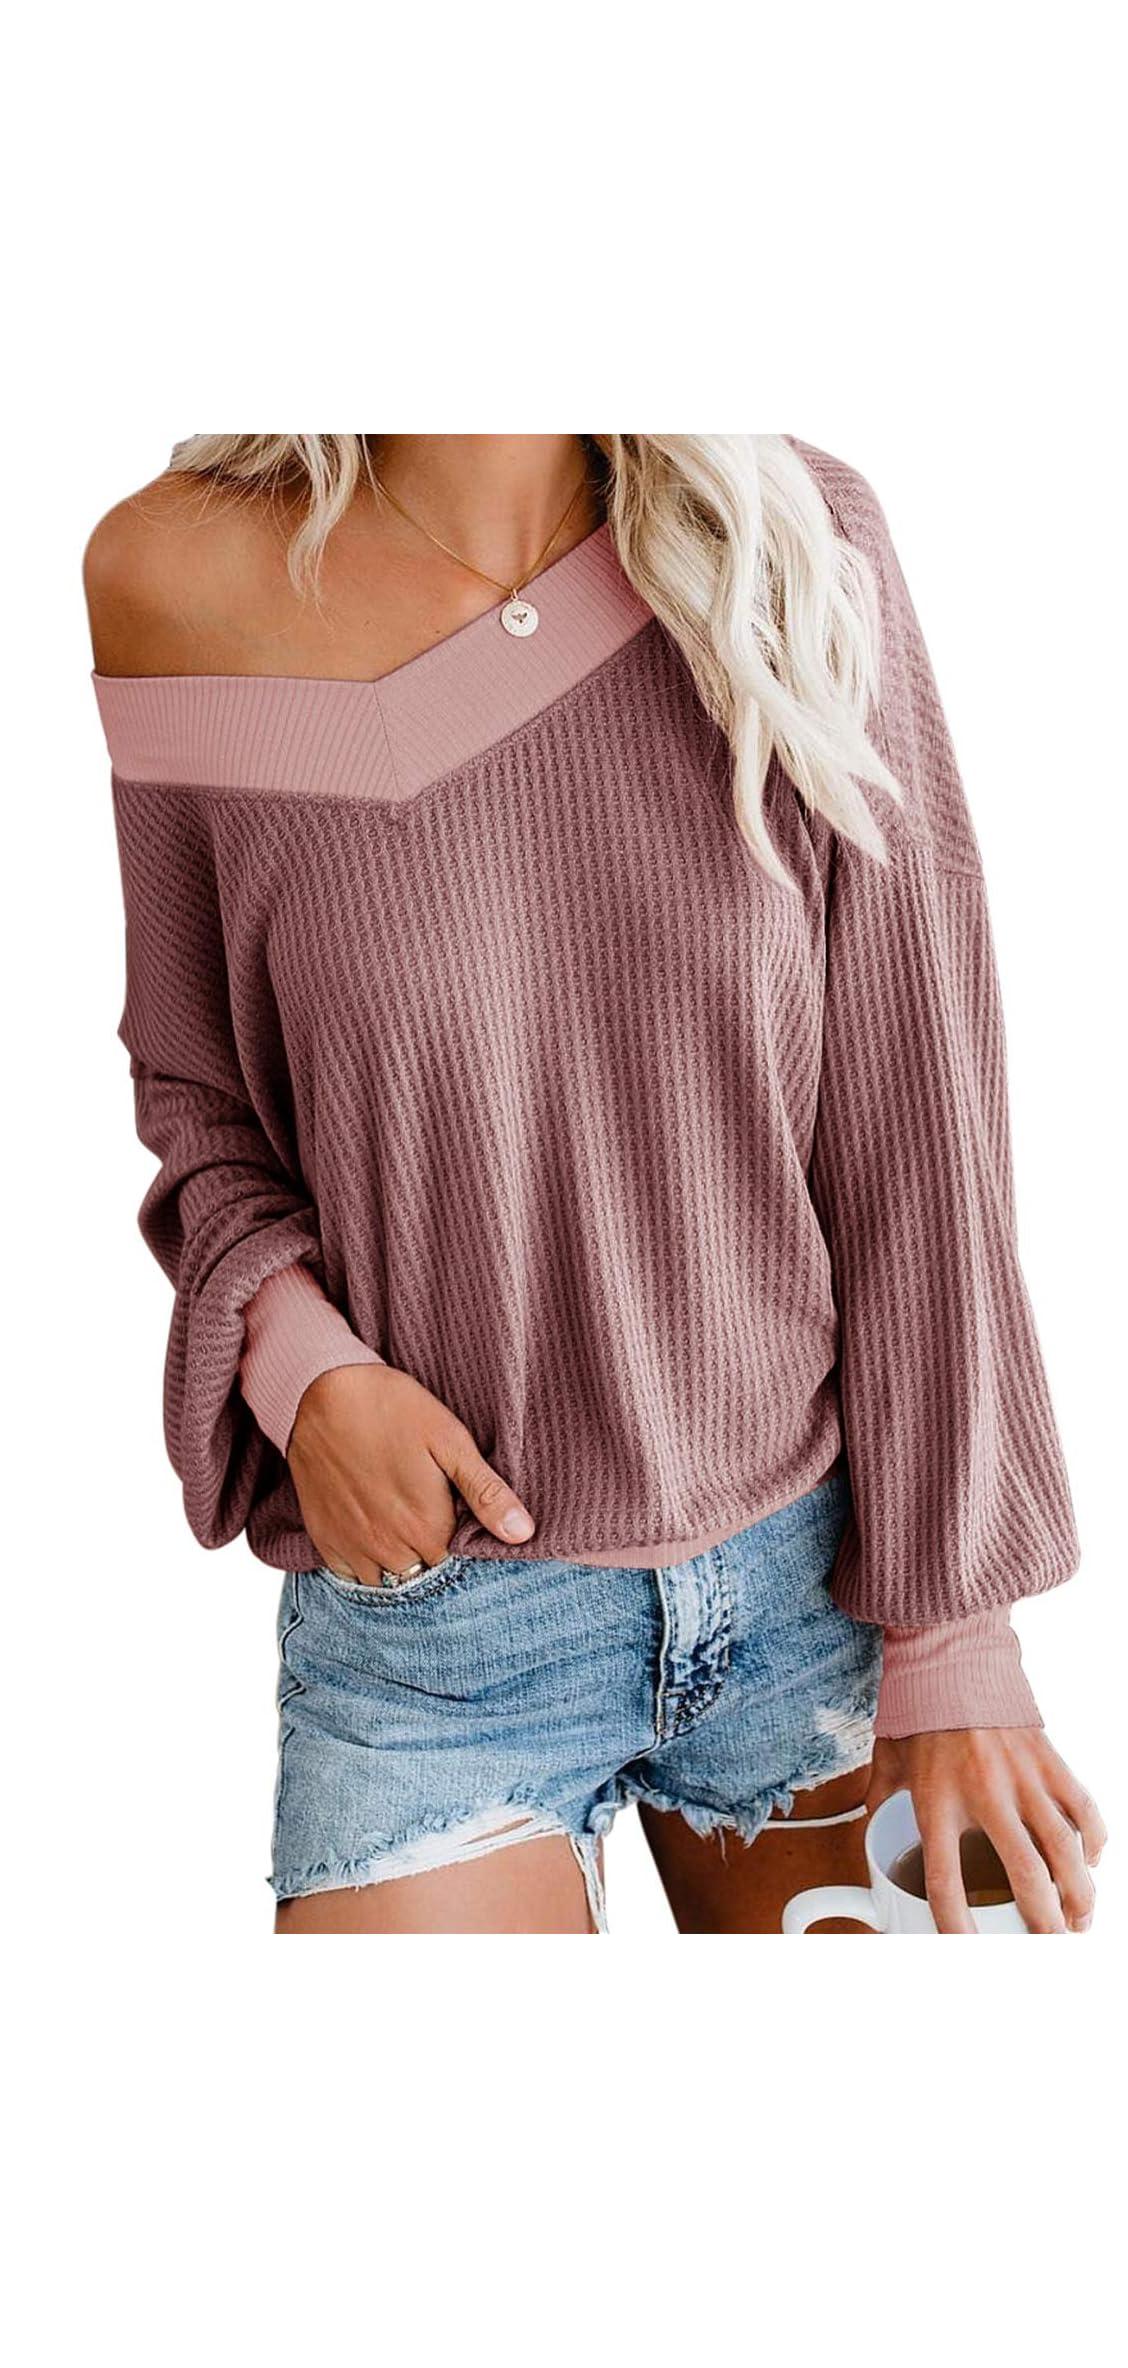 Women's V Neck Long Sleeve Waffle Knit Top Off Shoulder